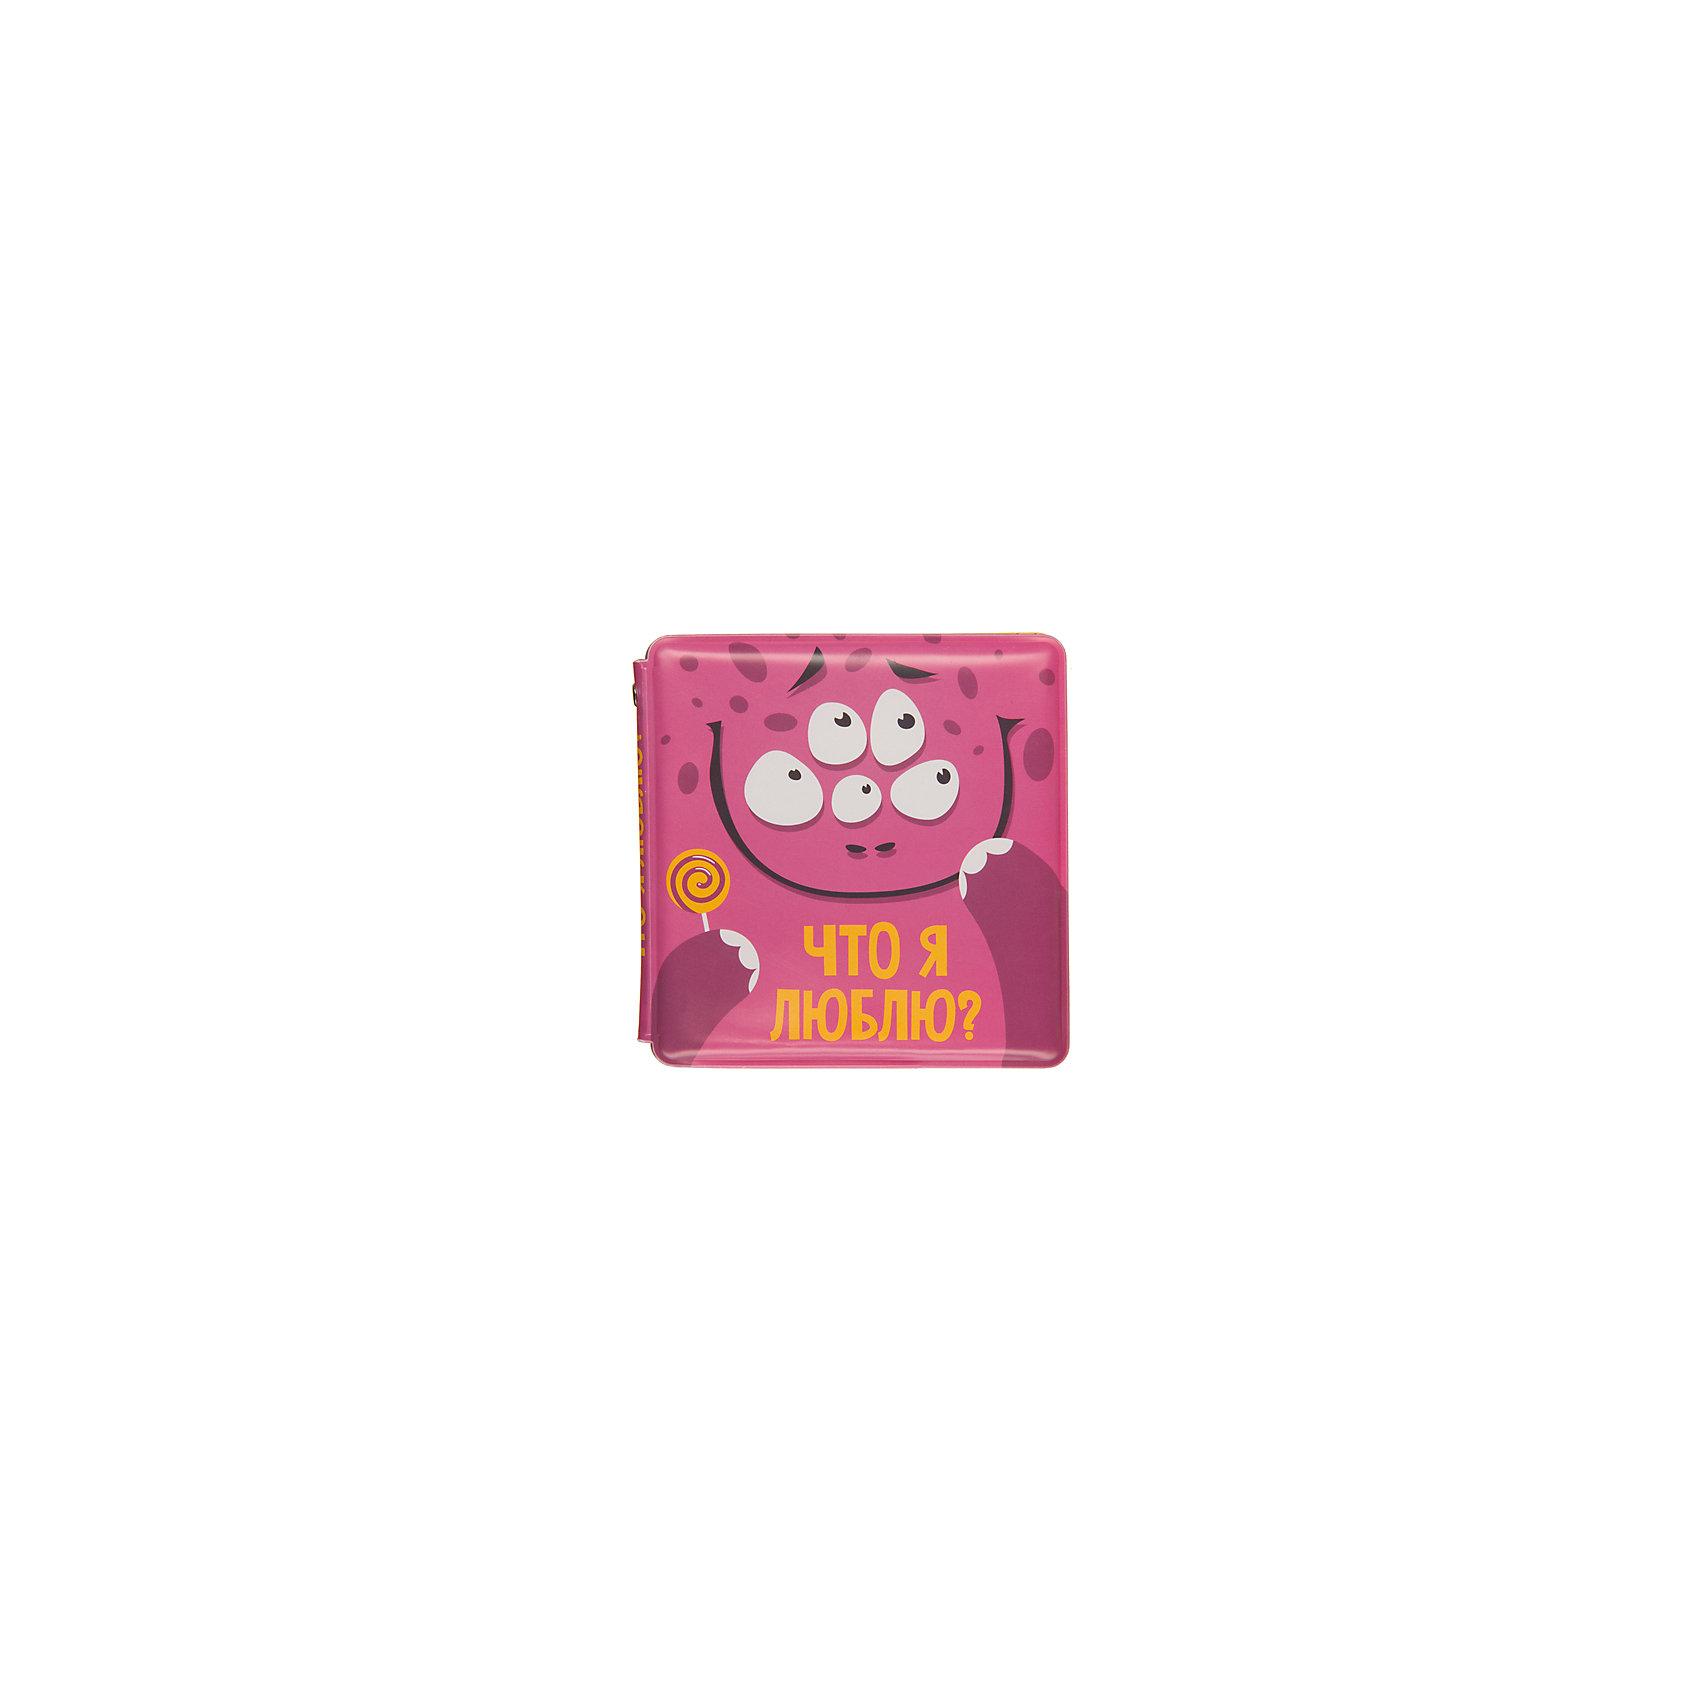 Книжка-игрушка для ванной I LIKE IT, Happy BabyИгрушки ПВХ<br>Характеристики товара:<br><br>• возраст: с рождения;<br>• материал: этиленвинилацетат;<br>• размер книги: 12х12х2 см;<br>• размер упаковки: 12,5х12х2,5 см;<br>• вес упаковки: 40 гр.;<br>• страна производитель: Китай.<br><br>Книжка-игрушка для ванной «I Like It» Happy Baby сделает купание малыша в ванной увлекательным и веселым процессом. Она поспособствует развитию цветового и зрительного восприятия, фантазии, внимания. Книжка изготовлена из качественного непромокаемого материала.<br><br>Книжку-игрушку для ванной «I Like It» Happy Baby можно приобрести в нашем интернет-магазине.<br><br>Ширина мм: 3<br>Глубина мм: 12<br>Высота мм: 13<br>Вес г: 0<br>Возраст от месяцев: -2147483648<br>Возраст до месяцев: 2147483647<br>Пол: Унисекс<br>Возраст: Детский<br>SKU: 5345699